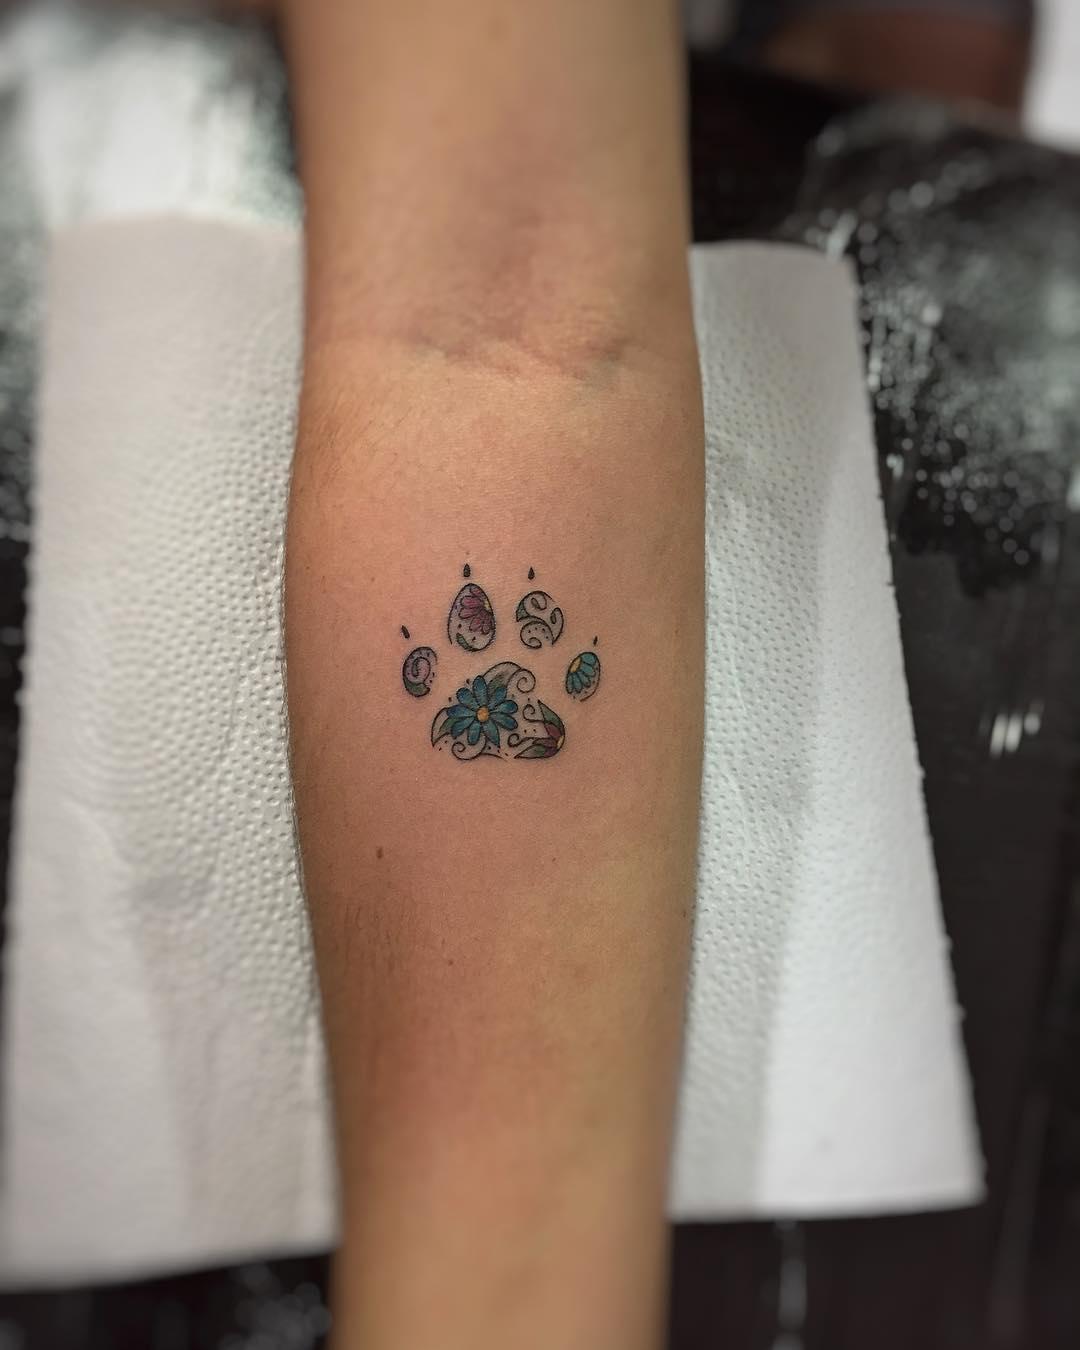 庄小姐小臂狗狗脚印纹身图案